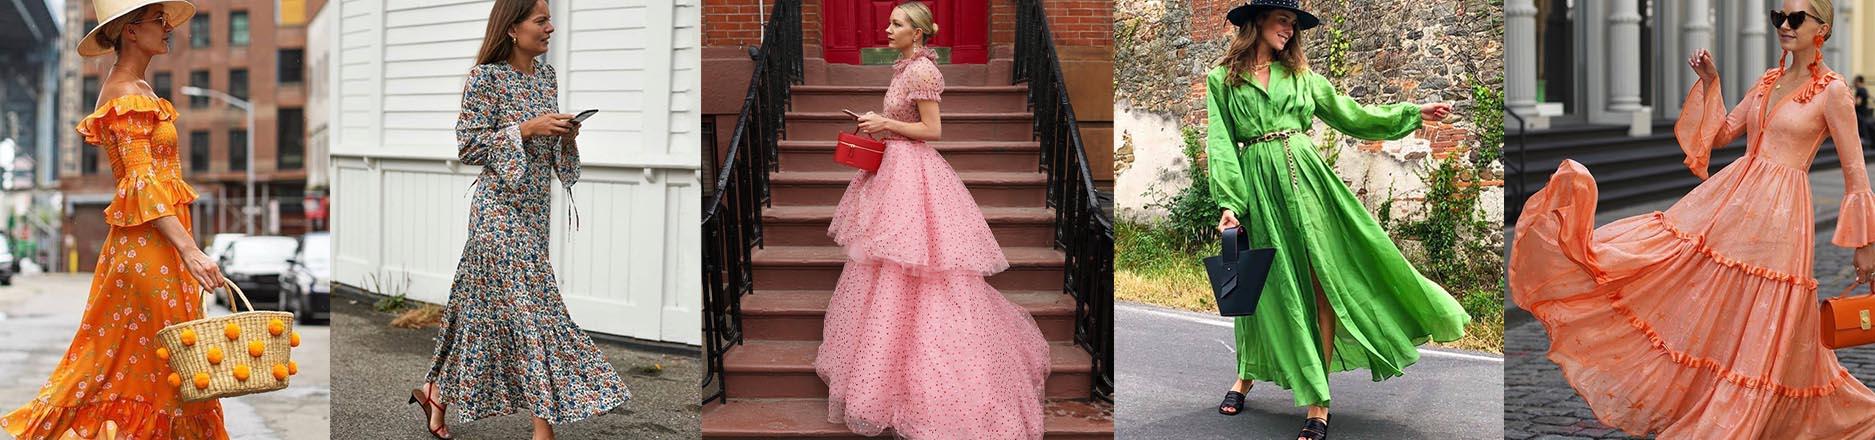 """Efecto """"Mujercitas"""": El vestido romántico (o prairie dress) se instala en el street style y es tendencia"""